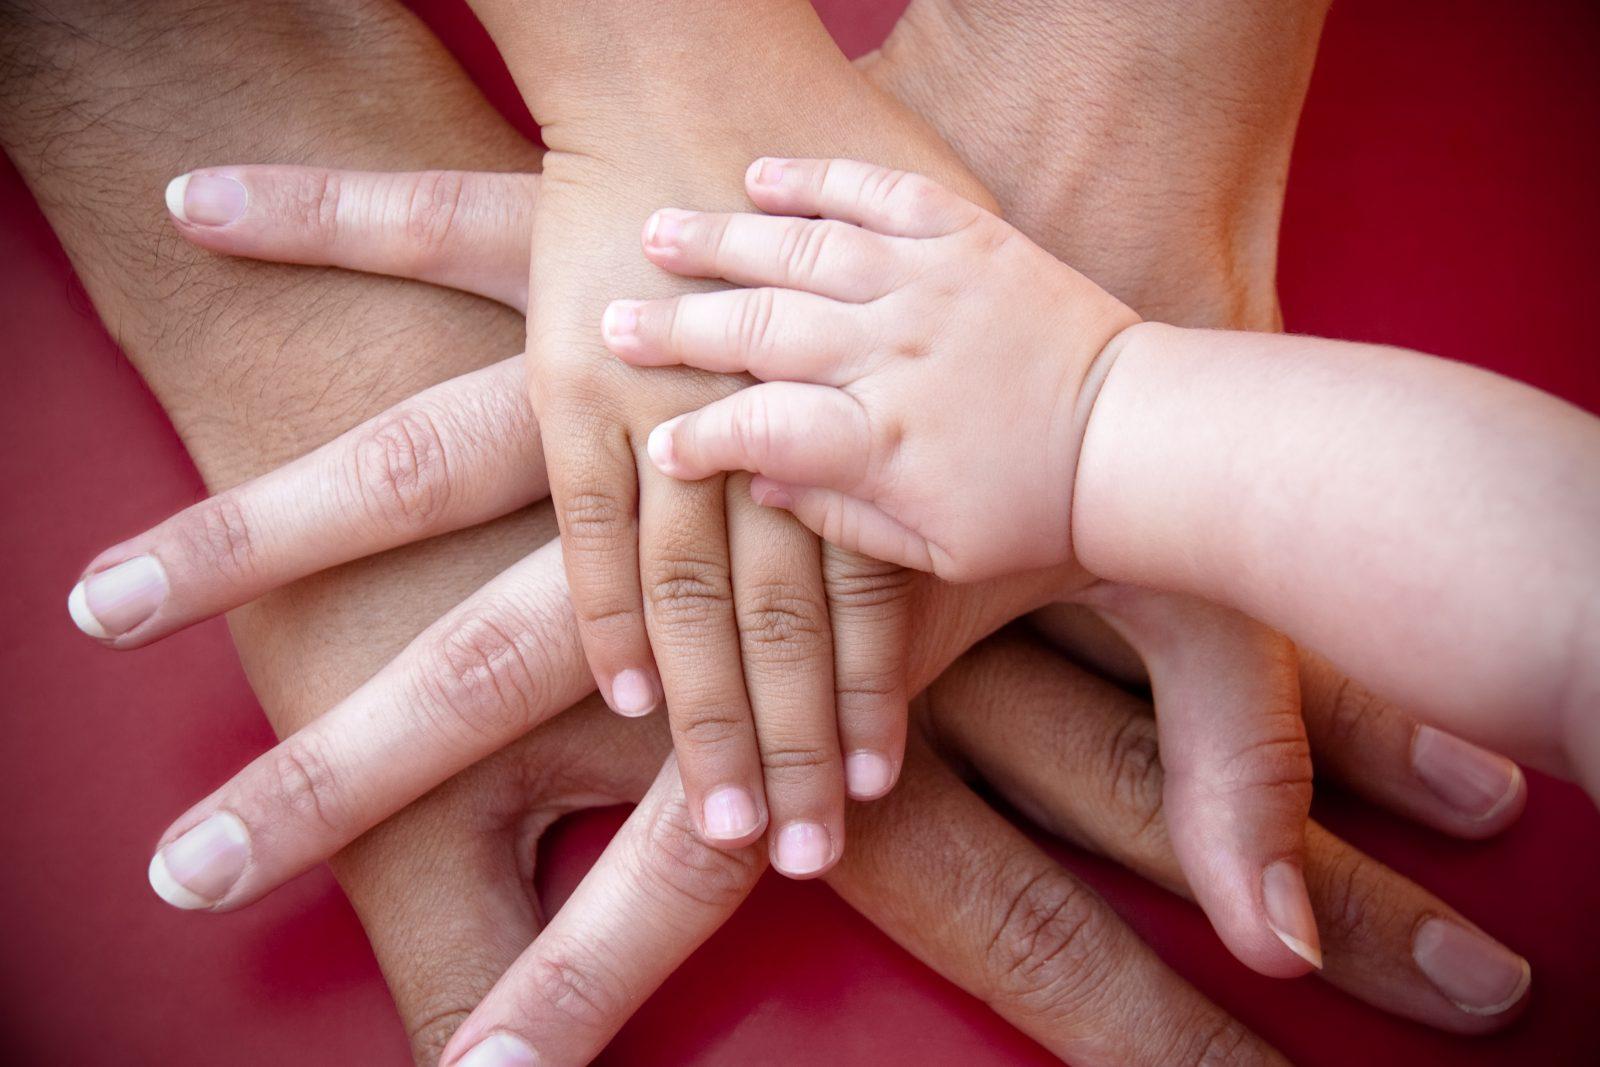 Bientôt une conférence sur le développement du langage de l'enfant